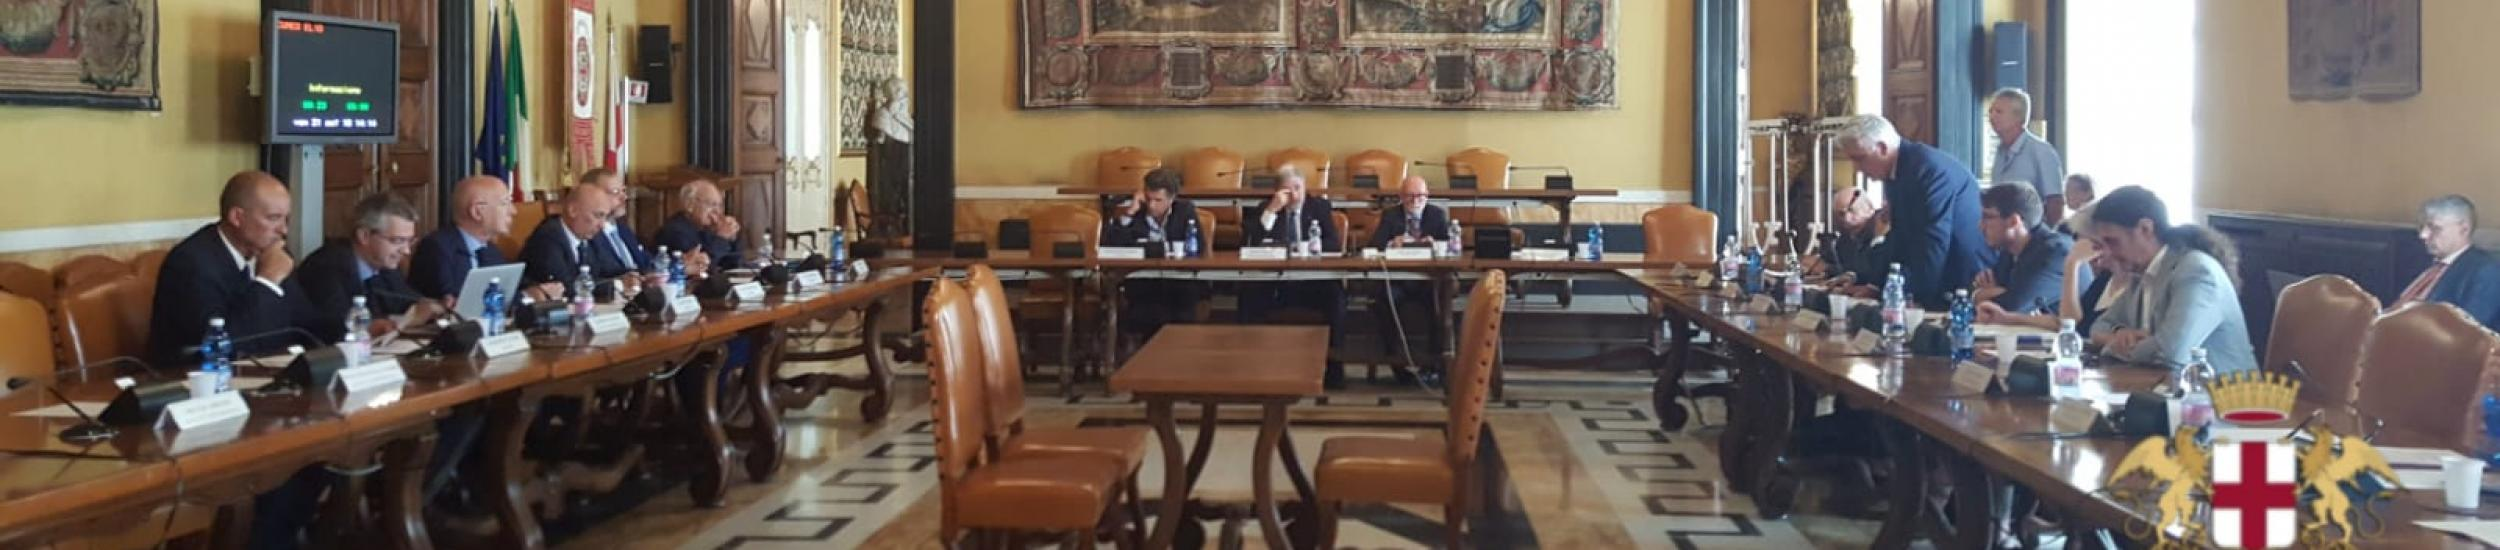 News: Consiglio: Approvato il Bilancio Consolidato del gruppo Città Metropolitana di Genova per il 2017